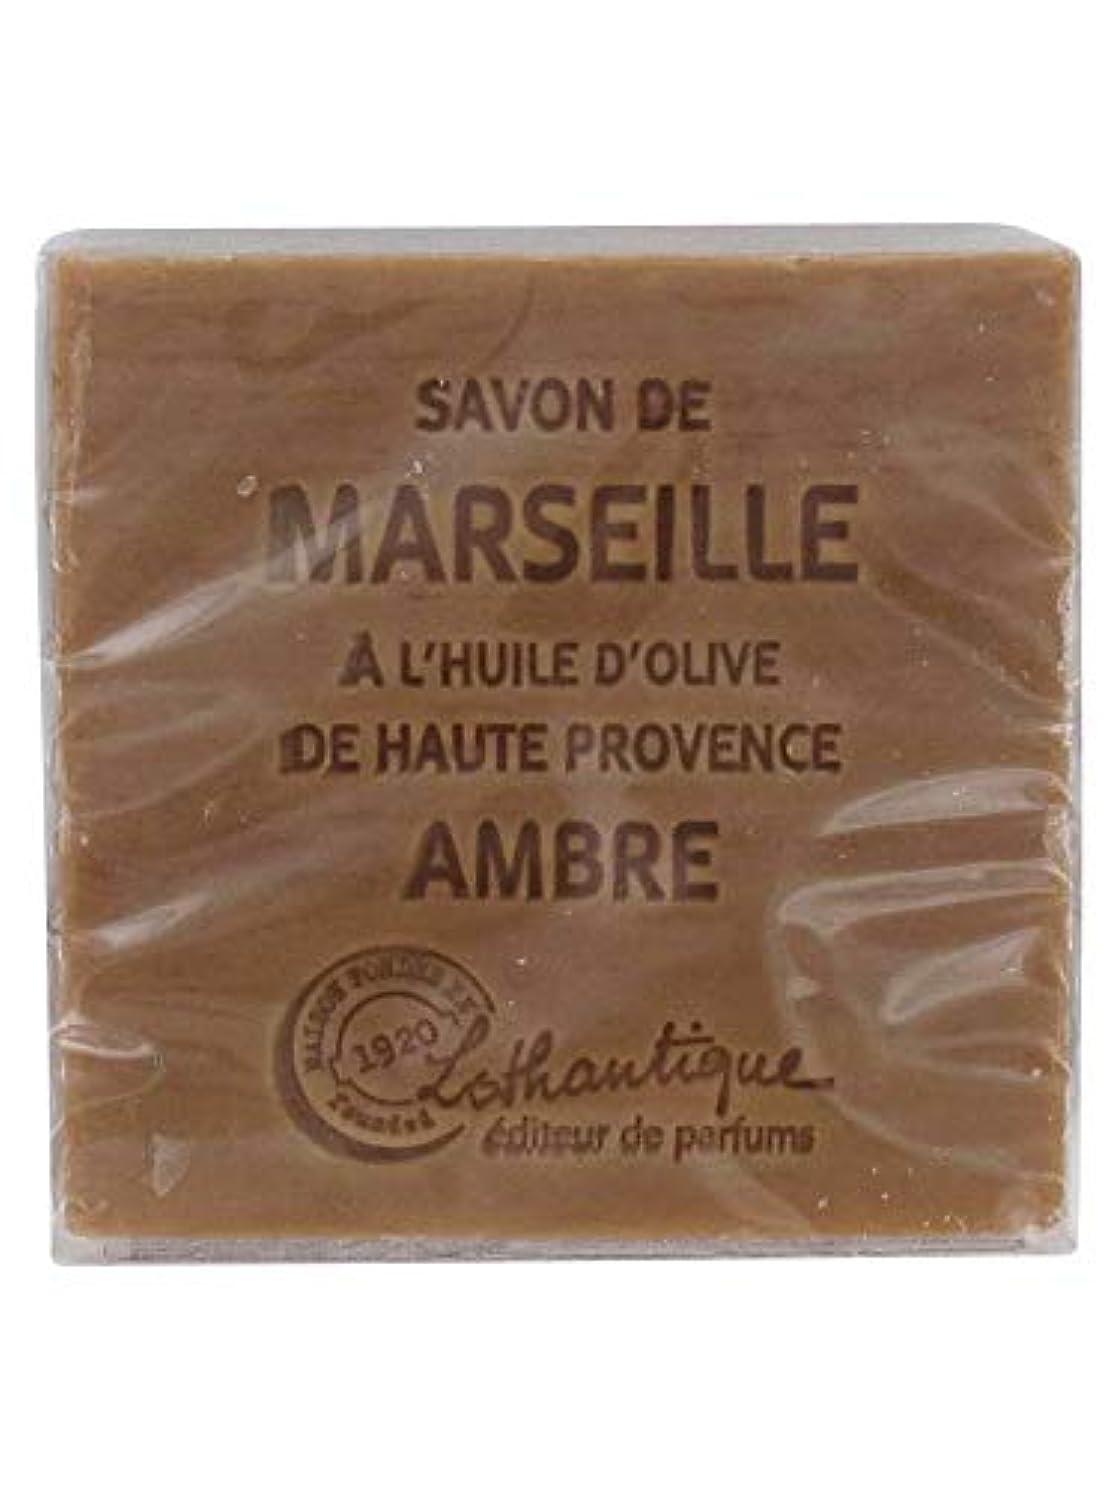 扱う稼ぐ成長するLothantique(ロタンティック) Les savons de Marseille(マルセイユソープ) マルセイユソープ 100g 「アンバー」 3420070038012